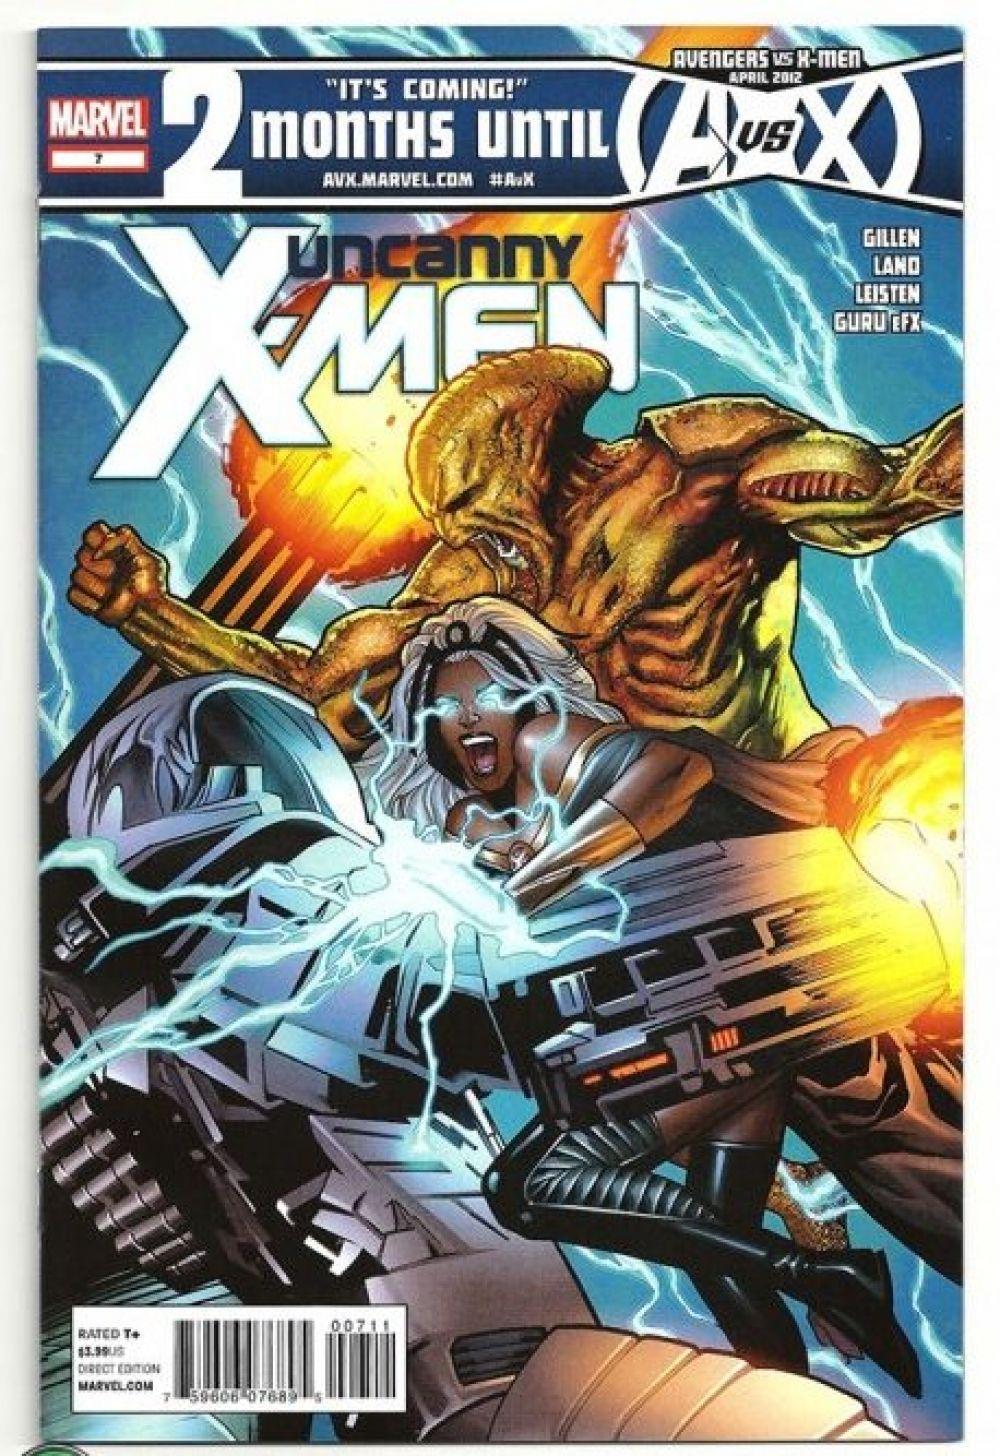 Uncanny X Men Vol 2 7 Comicbookshop Comicbookshopconz Comicbooks Newzealandcomicbookshop Nzcomicbookshop In 2020 Comics Valiant Comics Marvel Comics